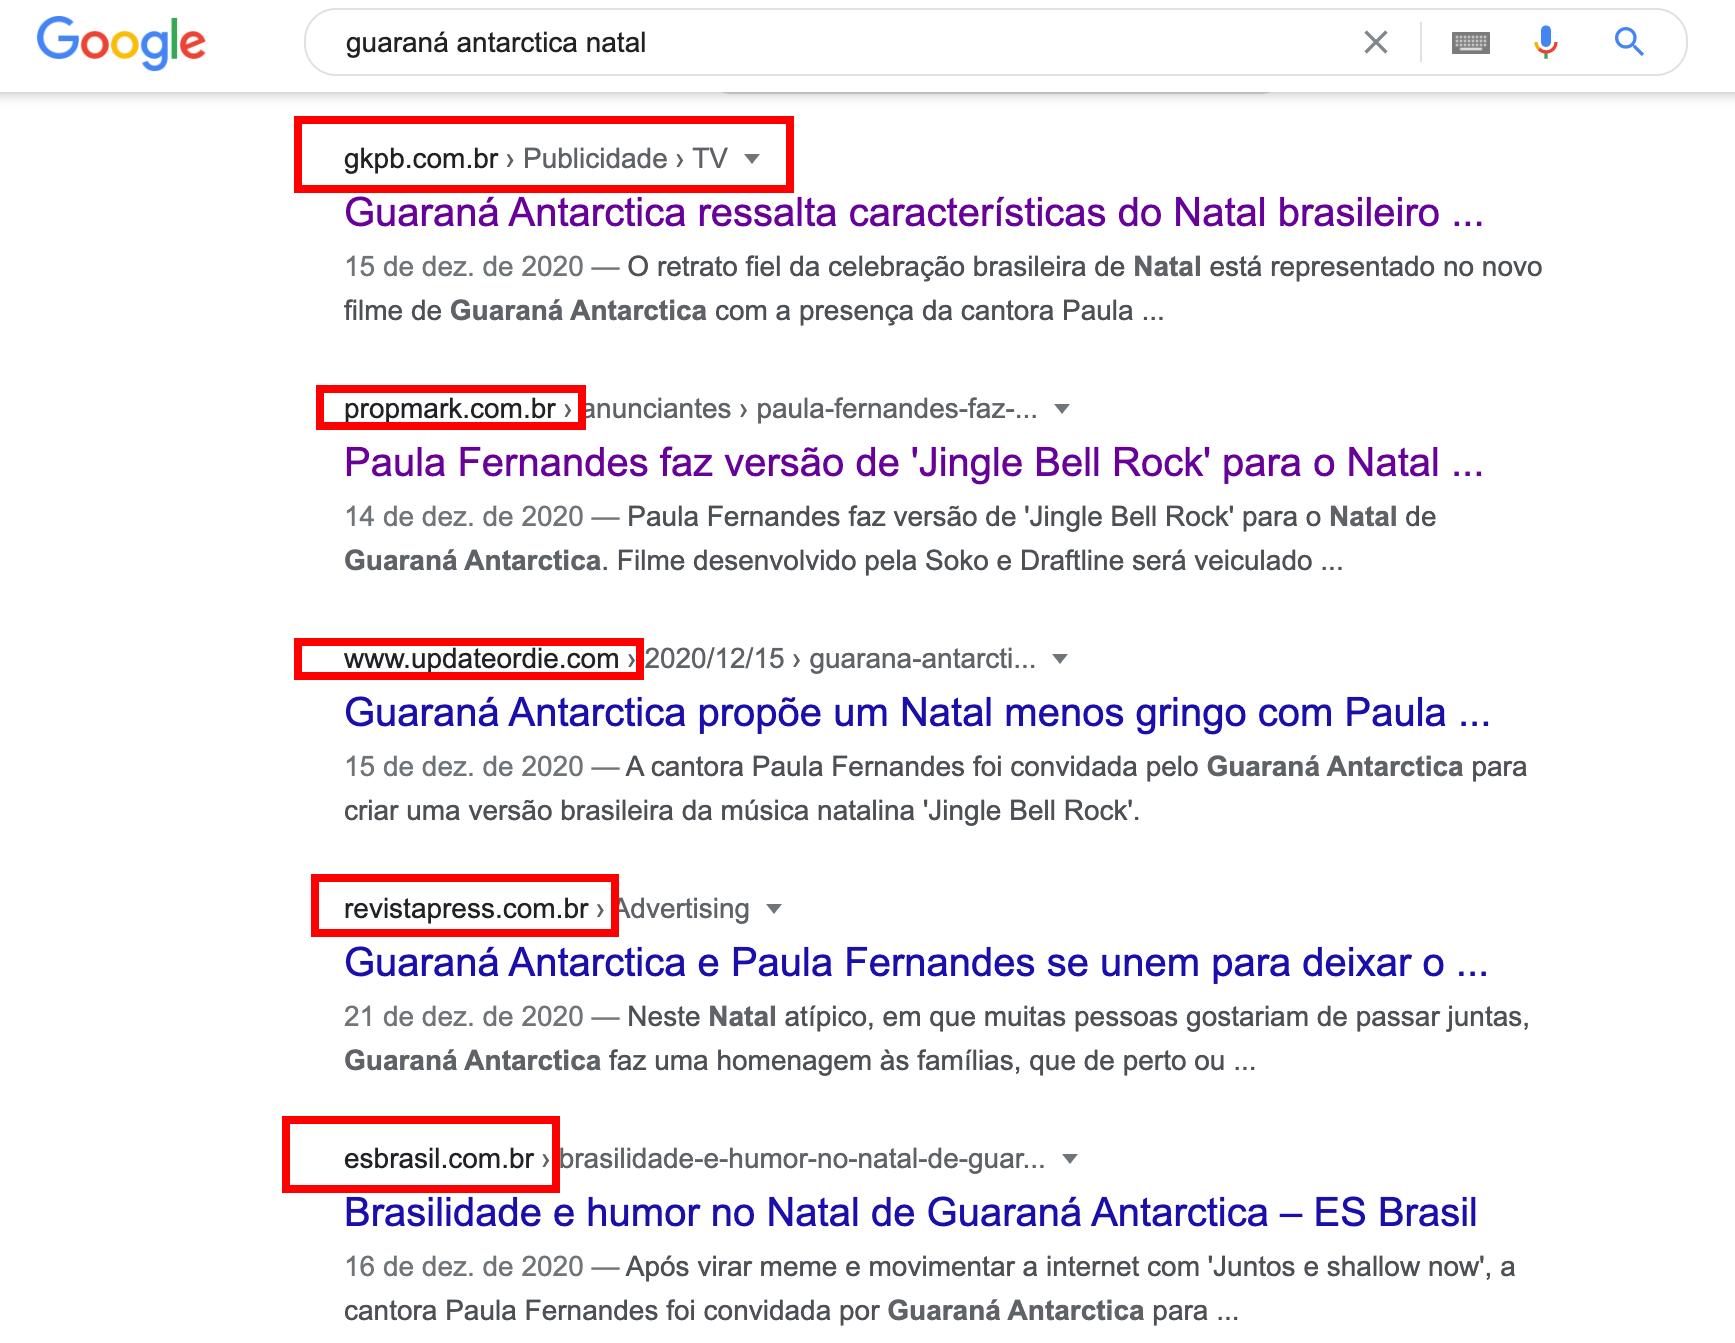 Campanha de Natal Guaraná Antarctica buscas no Google